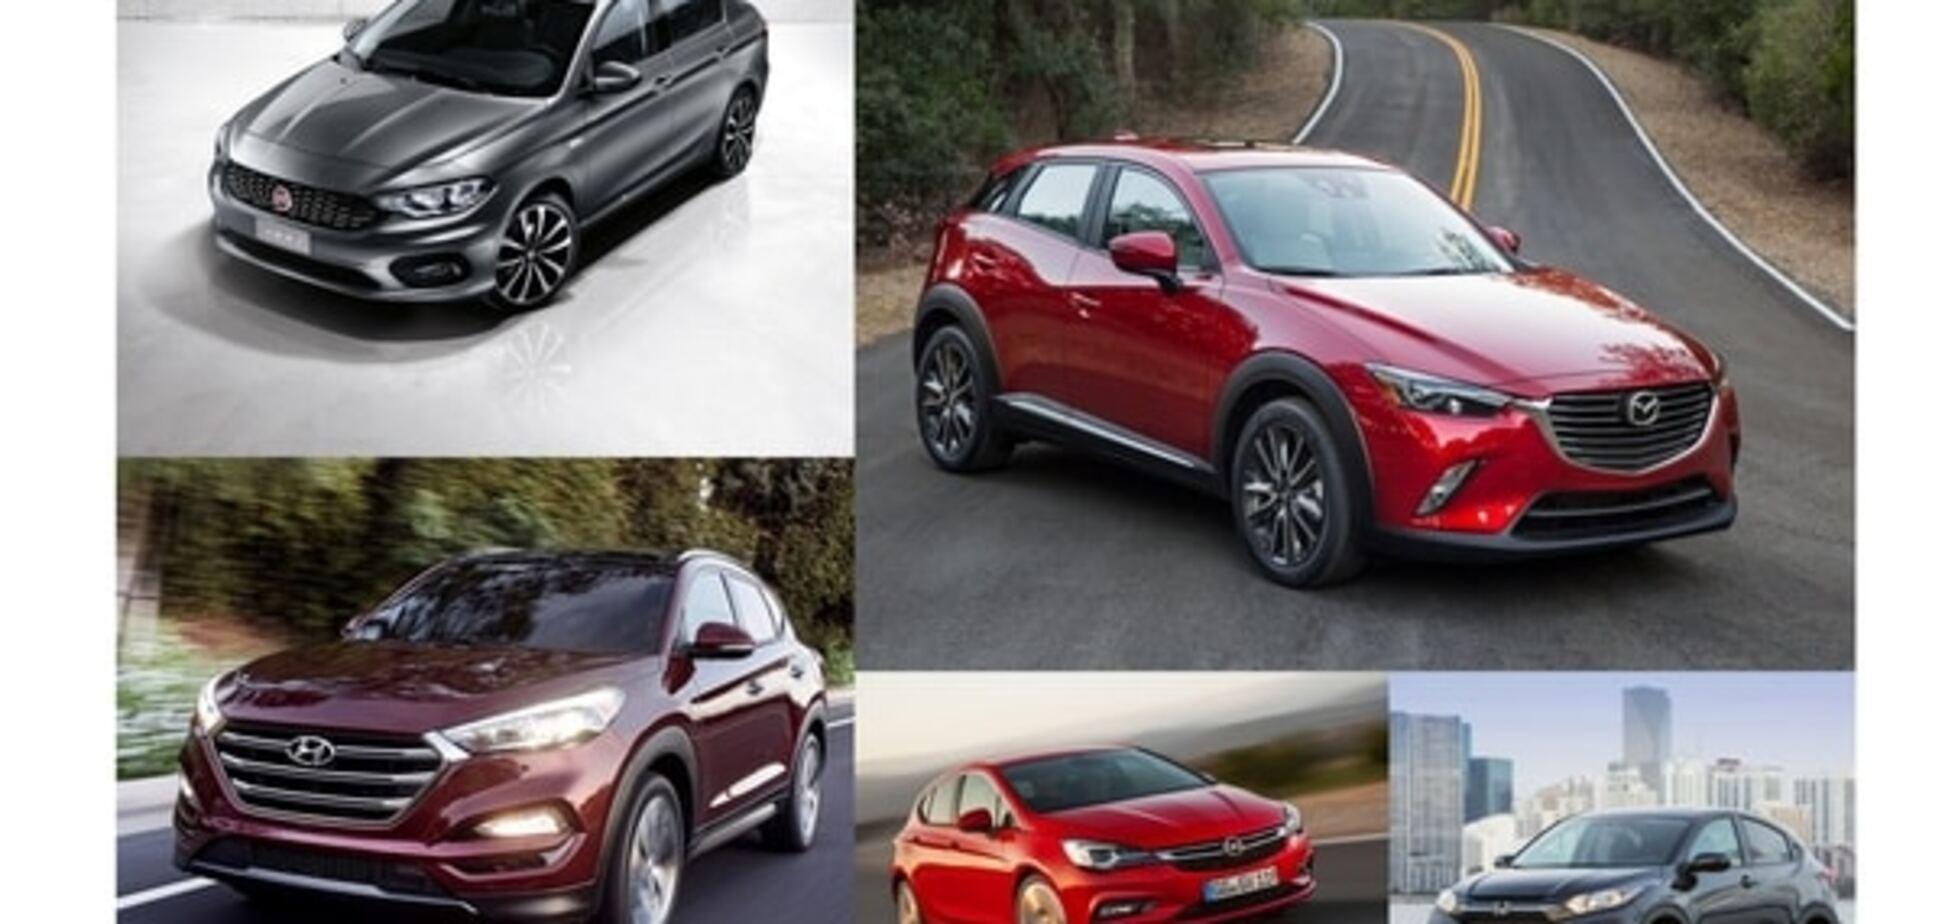 Європейські ЗМІ визначили ТОП-5 недорогих автомобілів року